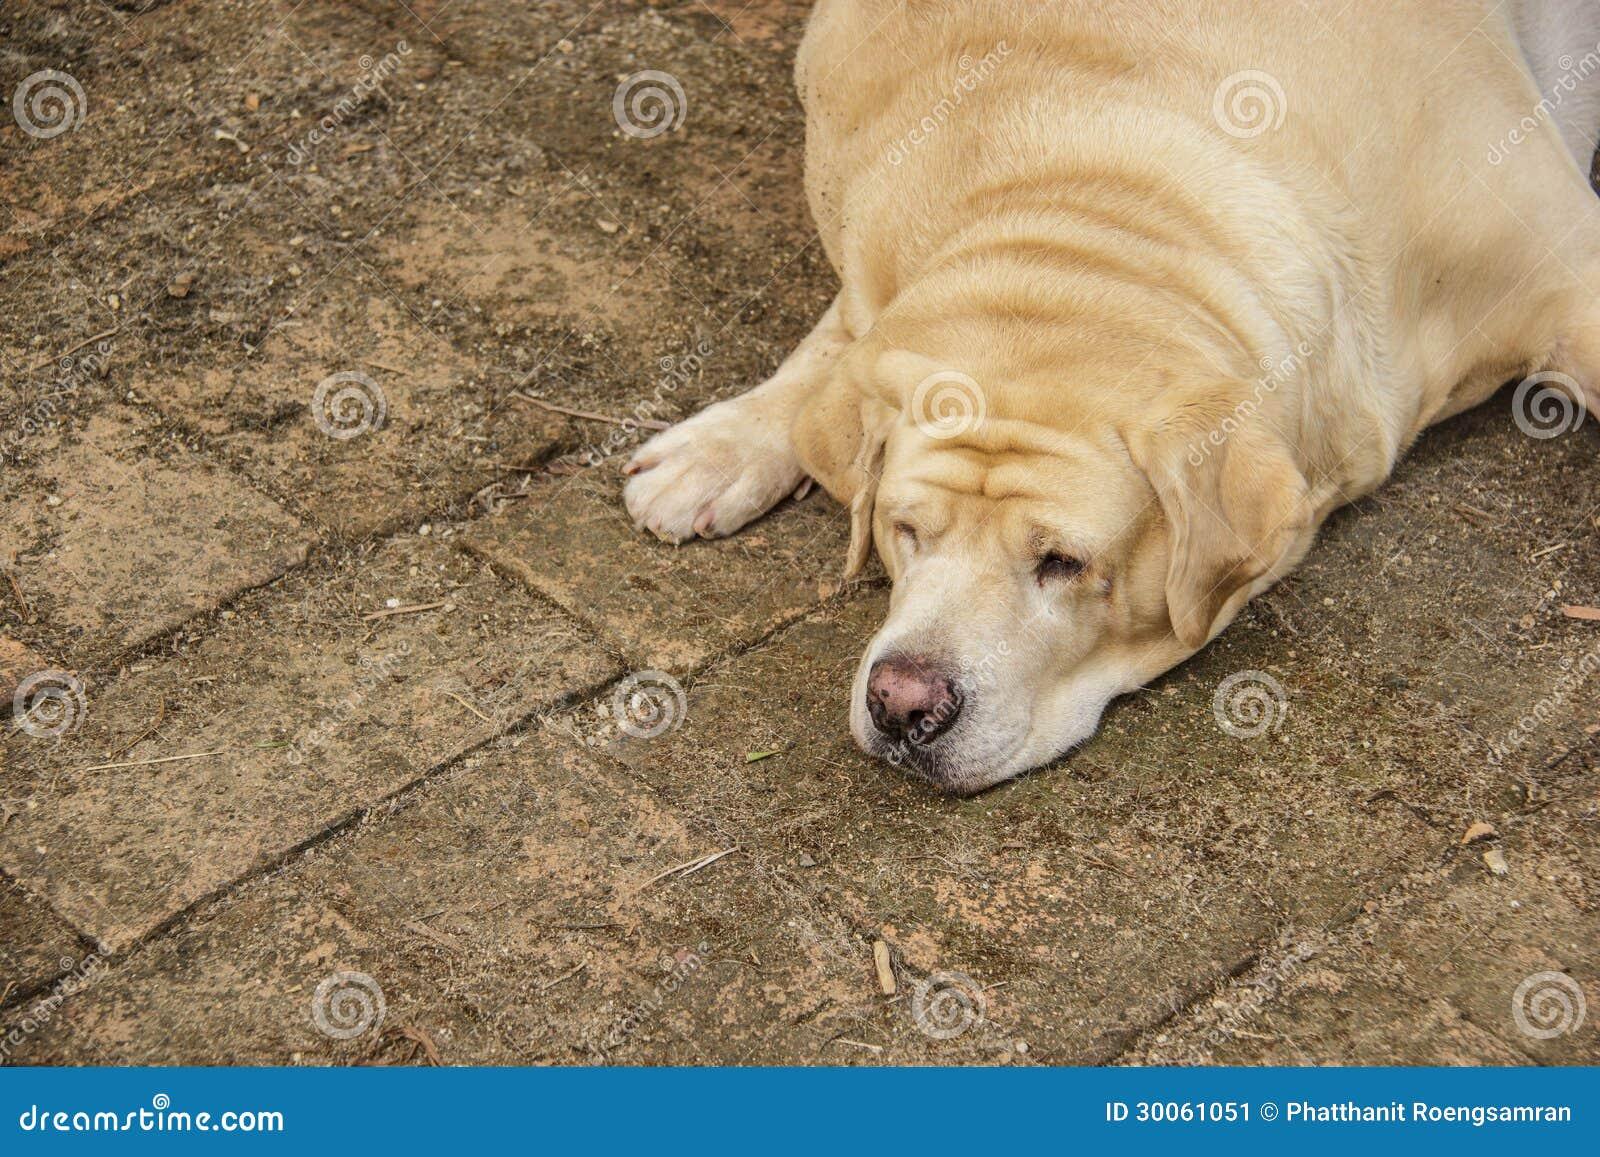 Sueño gordo del labrador retriever en el piso